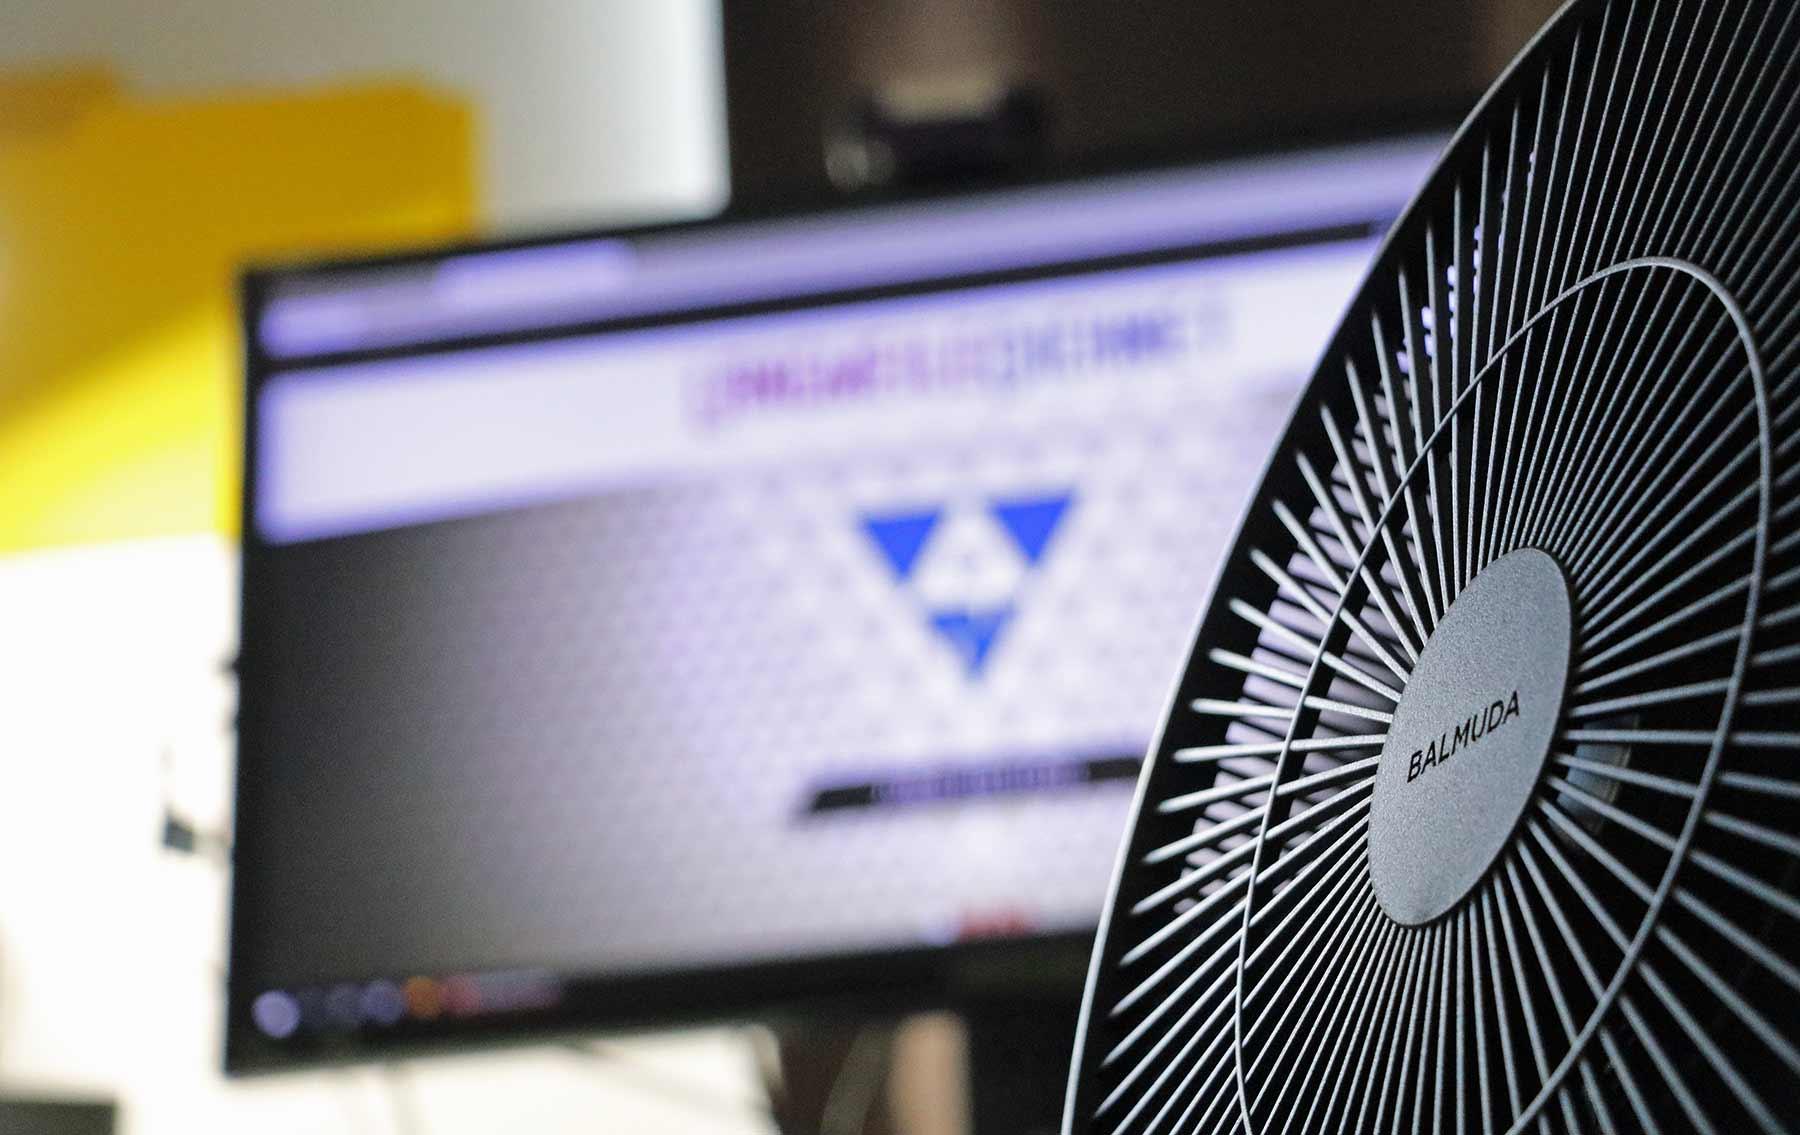 """Testbericht: Design-Ventilator """"The GreenFan"""" von BALMUDA The-Green-Fan-Balmuda-Testbericht_11"""